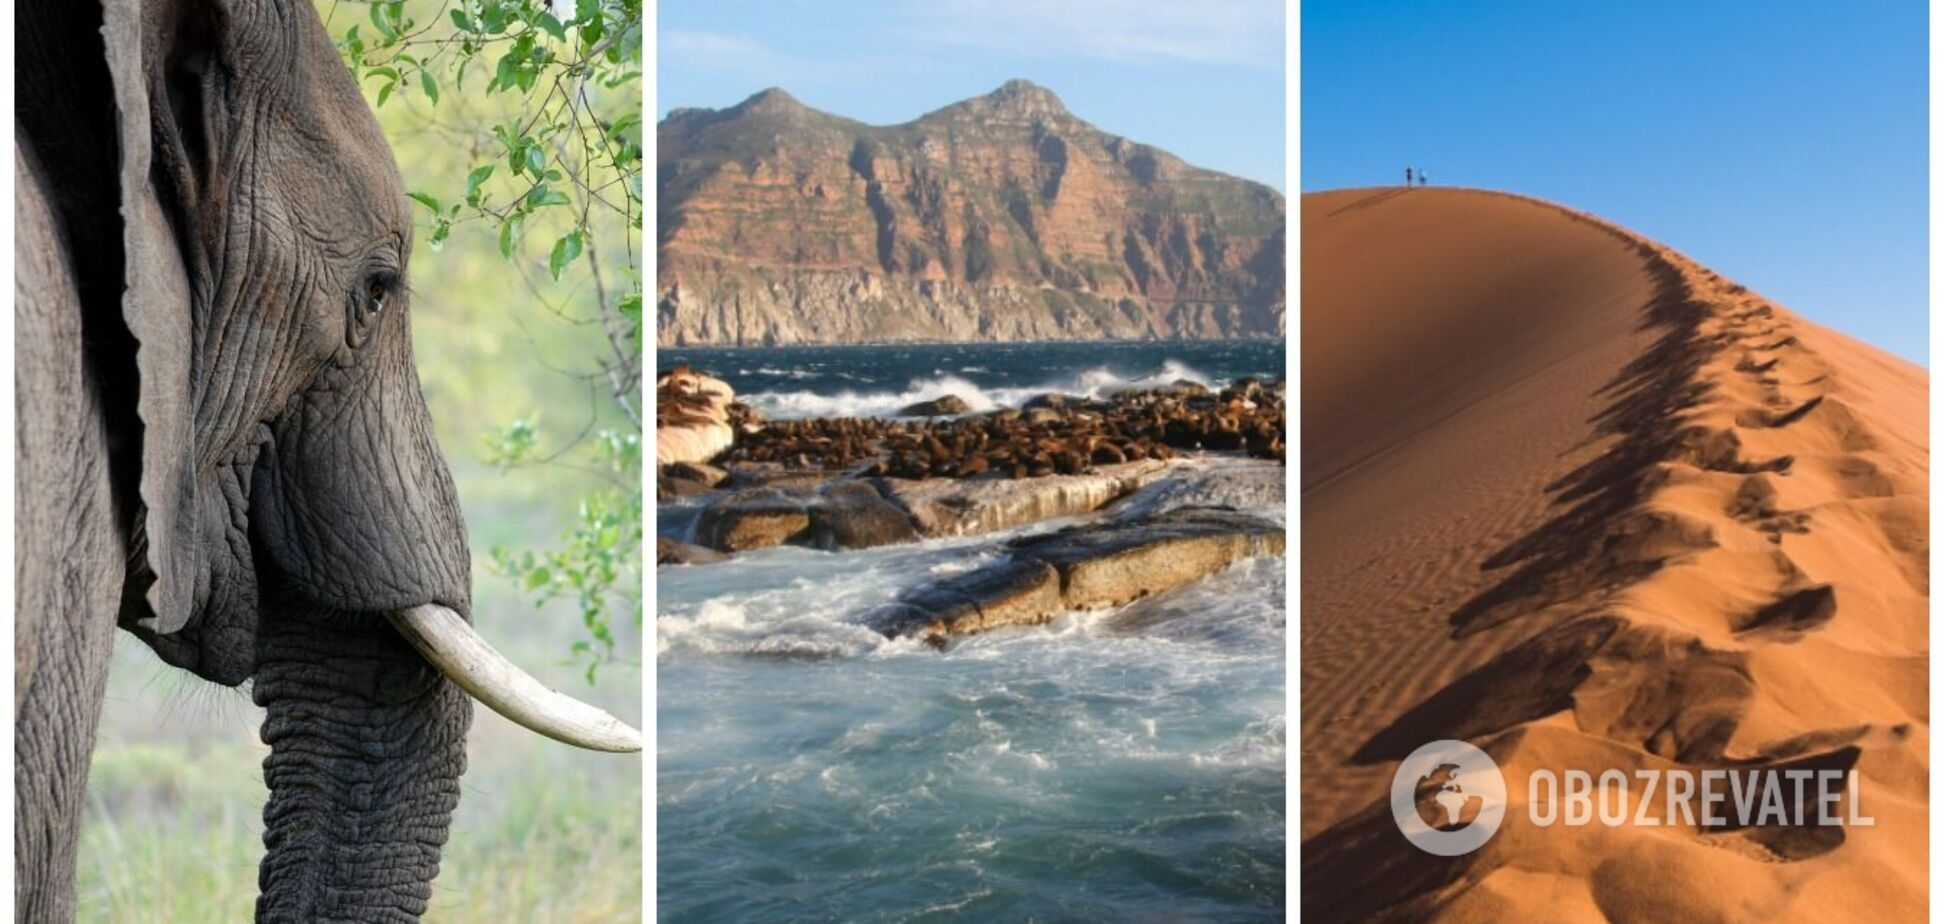 Поїздка в Африку: 5 головних порад туристам